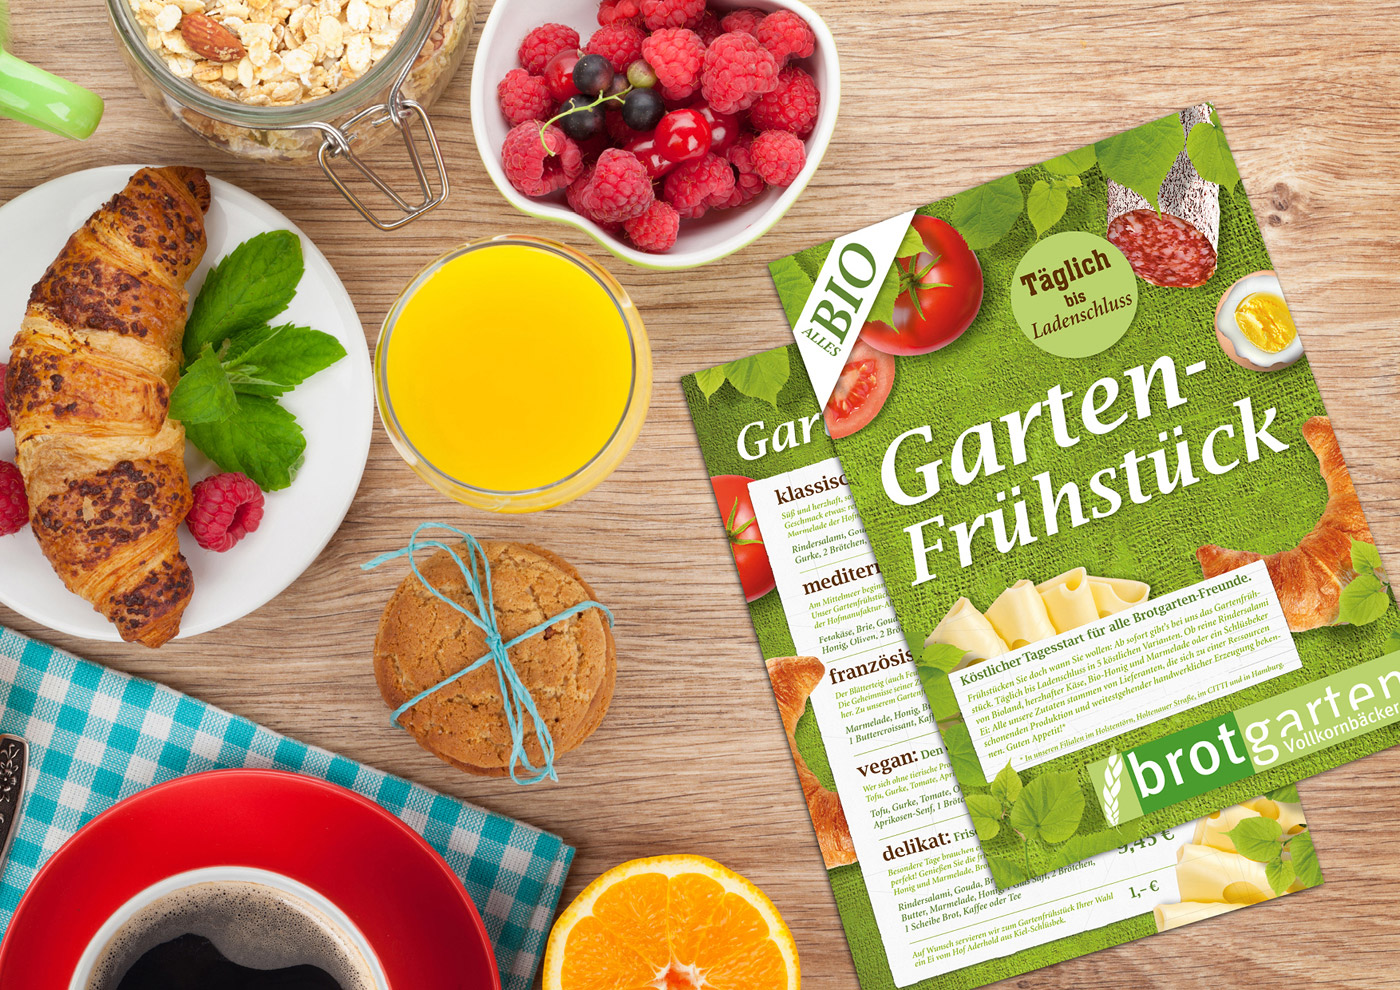 Relaunch CD und Markenführung für die Biobäckerei Brotgarten: Infoflyer